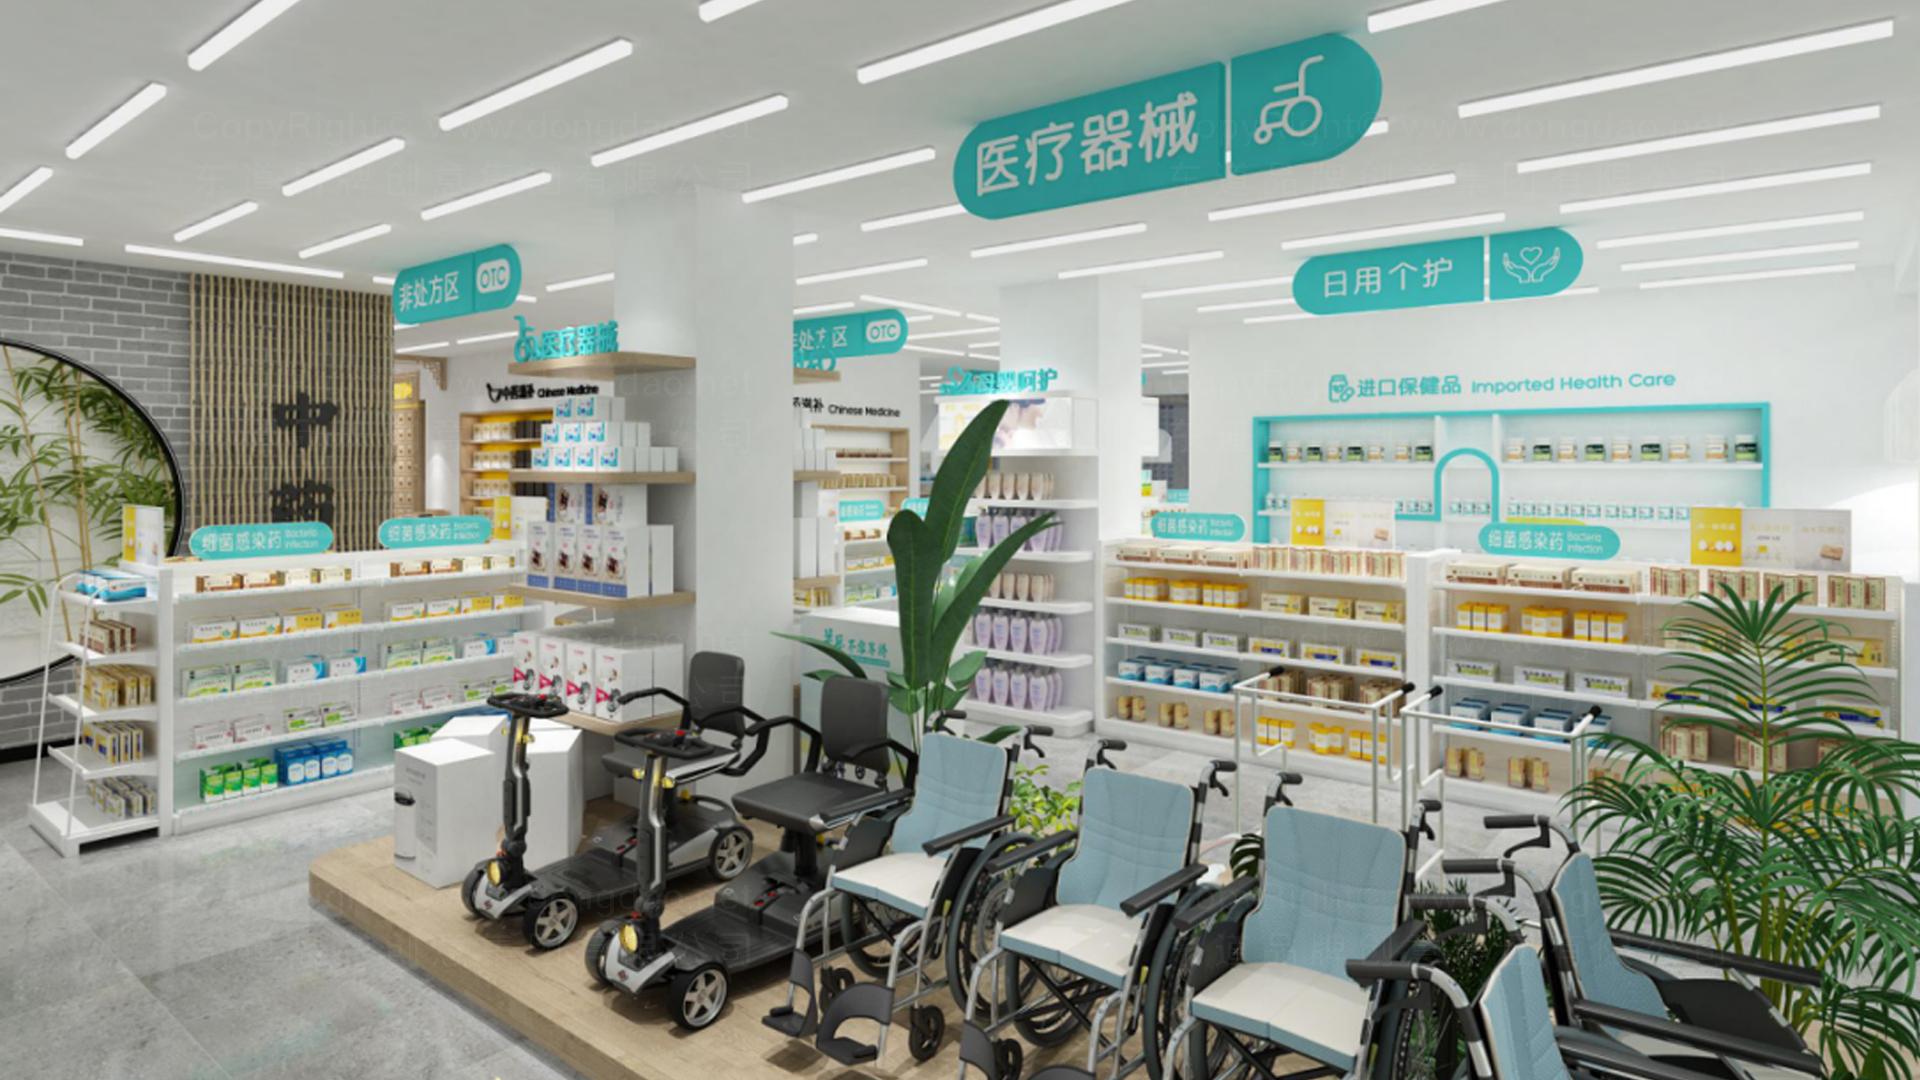 弘发药业药店终端SI设计应用场景_4